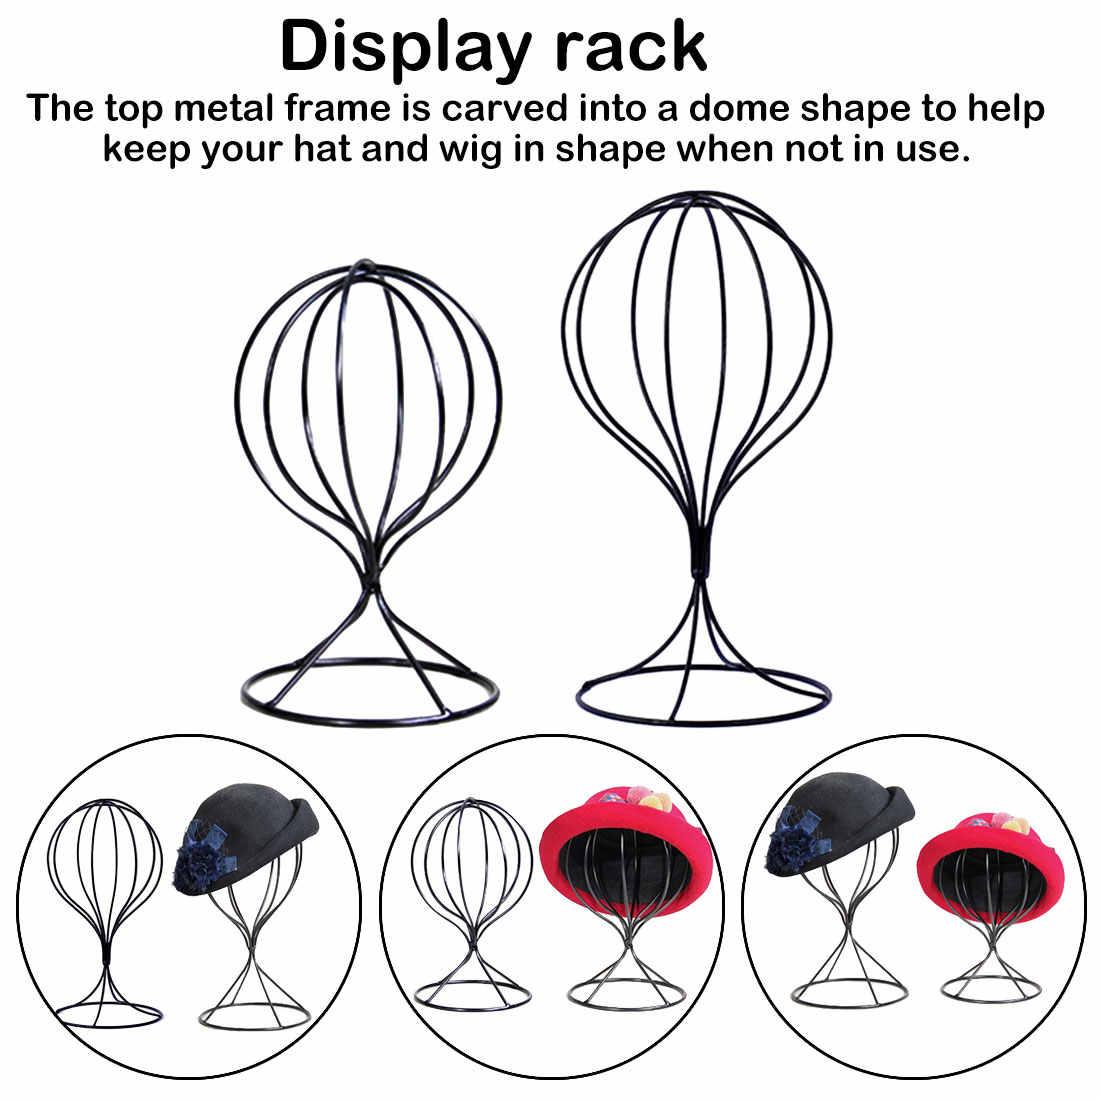 Içi boş balon Metal peruk postiş standı masa dekoratif şapka kap tutucu yeni Metal peruk çerçeve kafa kalıp ekran standı